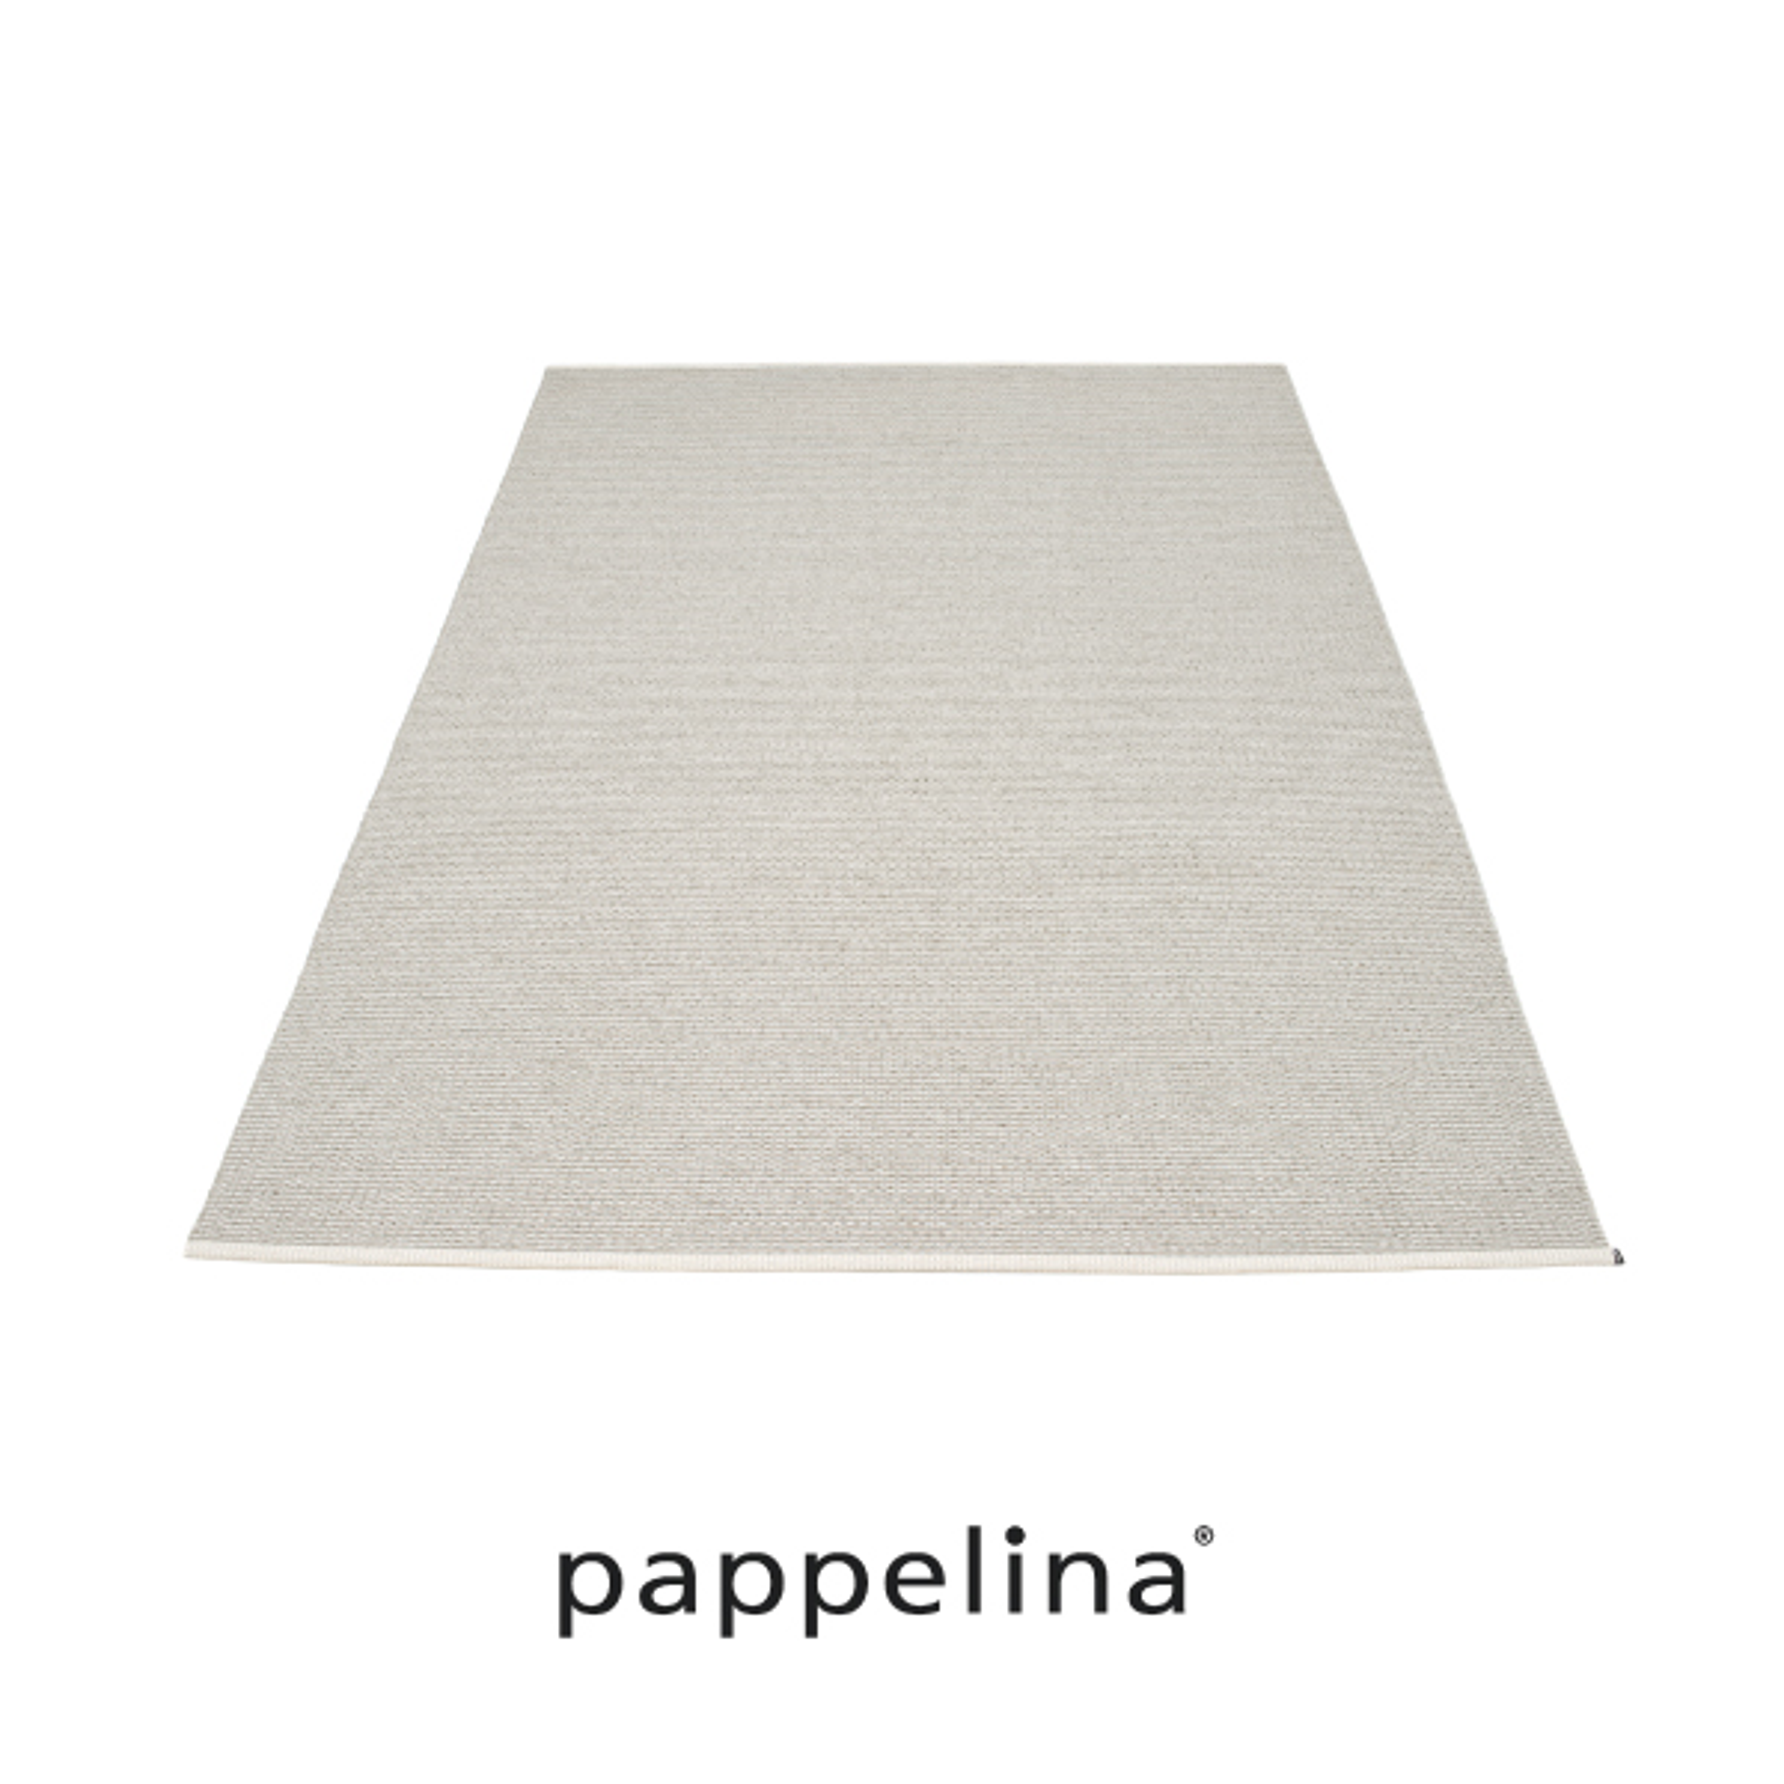 pappelina パペリナ正規販売店Mono モノ 140-200 (1/2)ダイニングラグマット・リビング カーペット